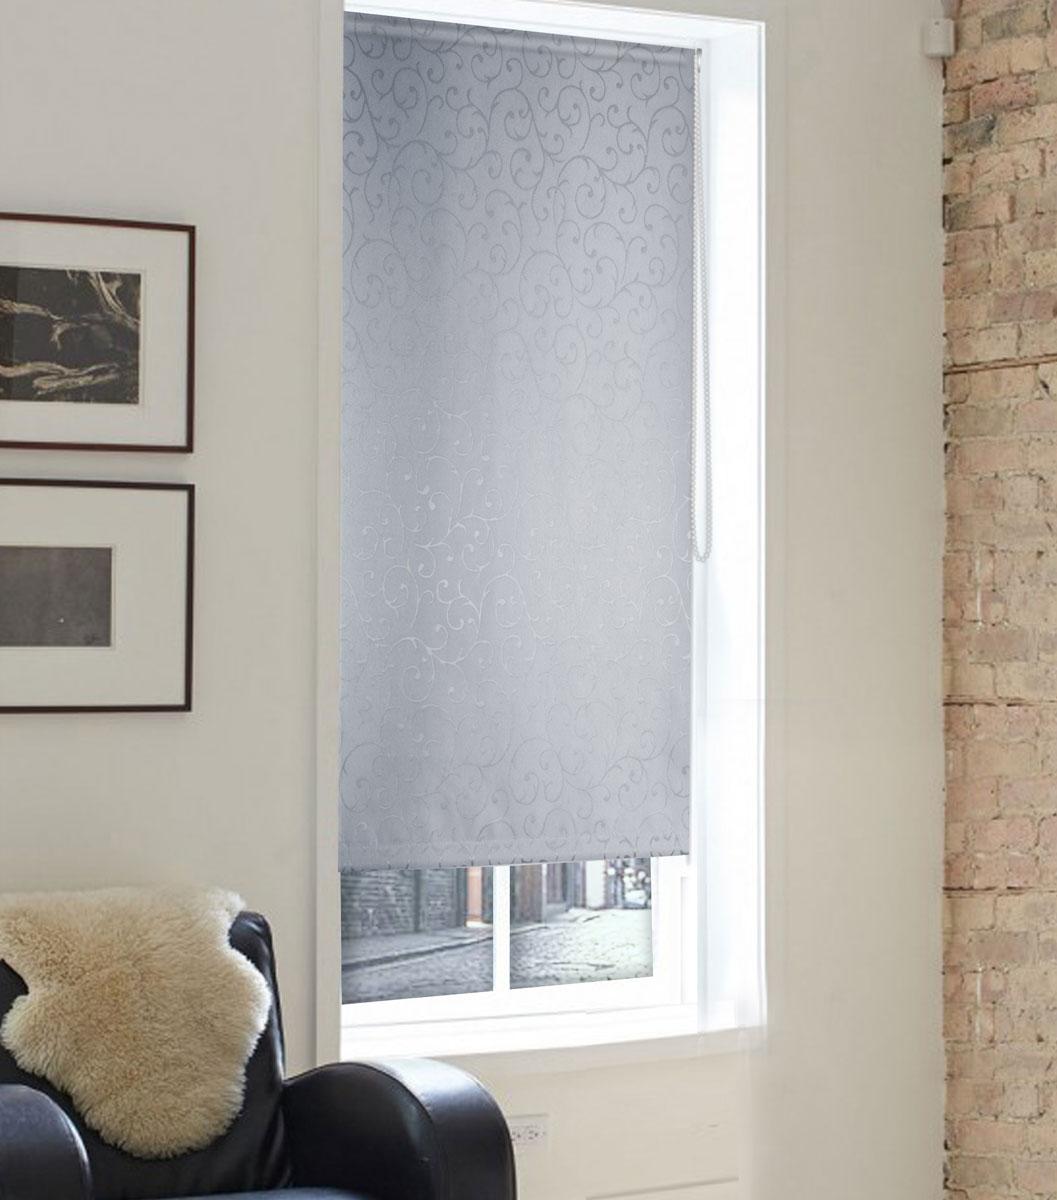 Штора рулонная Эскар Миниролло. Агат, фактурная, цвет: серый, ширина 48 см, высота 160 см37022048160Рулонная штора Эскар Миниролло. Агат выполнена из высокопрочной ткани, которая сохраняет свой размер даже при намокании. Ткань не выцветает и обладает отличной цветоустойчивостью. Миниролло - это подвид рулонных штор, который закрывает не весь оконный проем, а непосредственно само стекло. Такие шторы крепятся на раму без сверления при помощи зажимов или клейкой двухсторонней ленты. Окно остается на гарантии, благодаря монтажу без сверления. Такая штора станет прекрасным элементом декора окна и гармонично впишется в интерьер любого помещения.